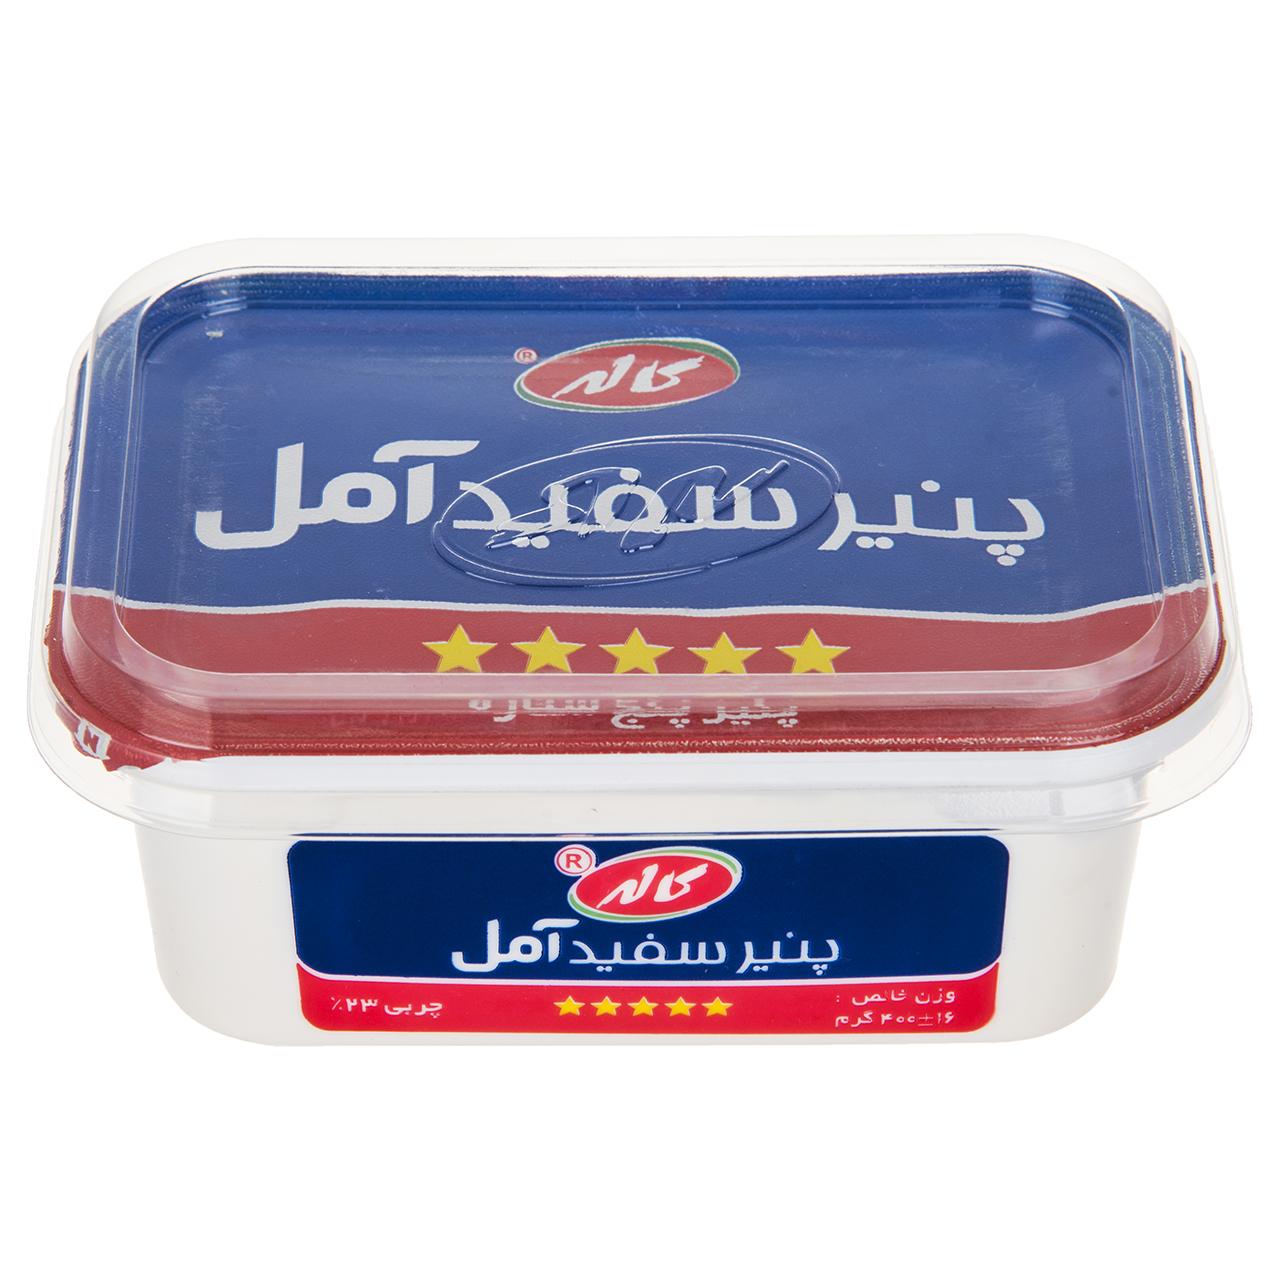 پنیر سفید آمل کاله مقدار 400 گرم